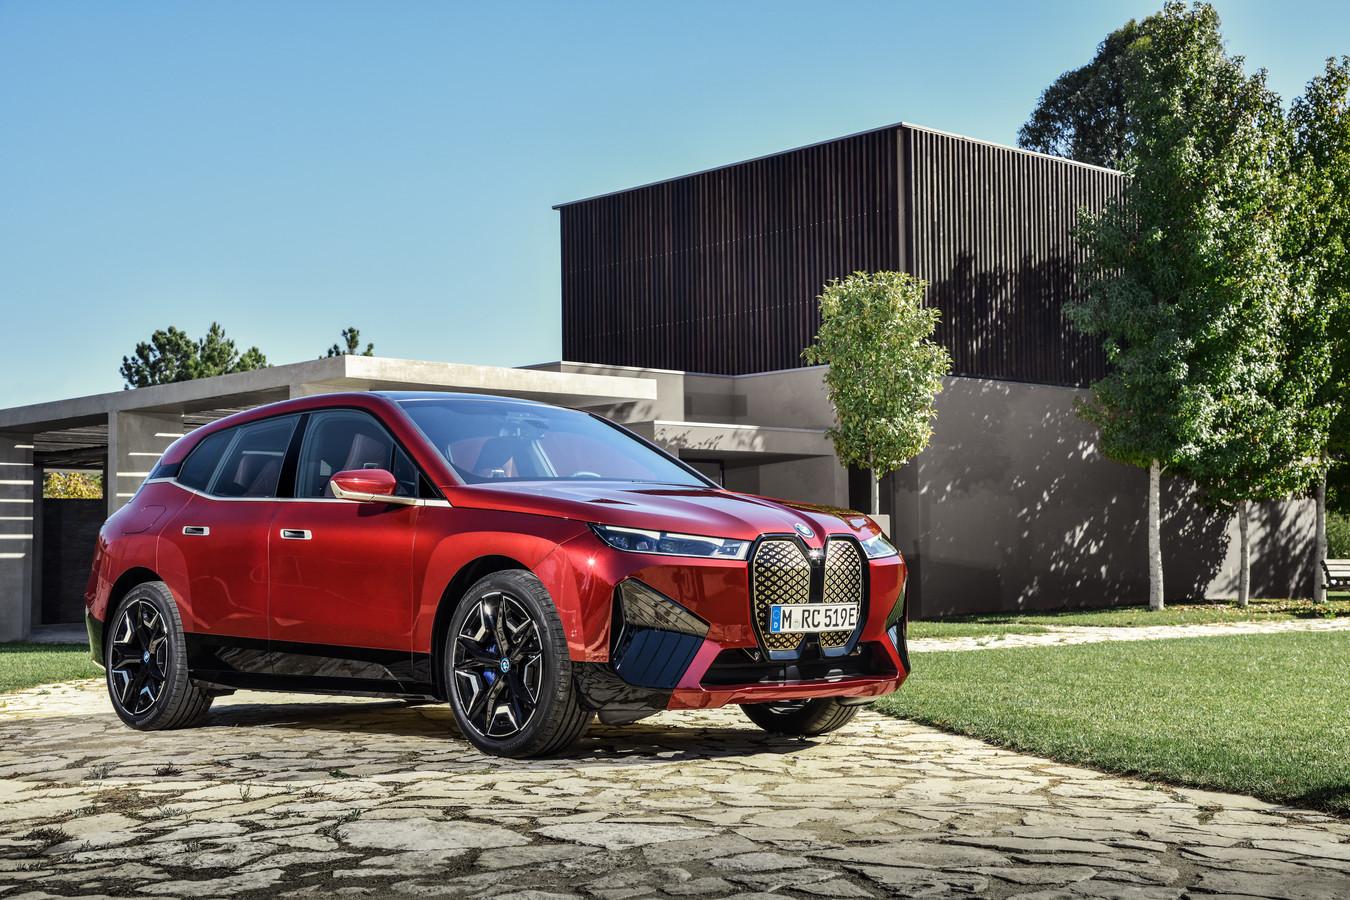 De nieuwe iX, volgens BMW het meest geavanceerde model ooit, komt later in 2021 op de markt